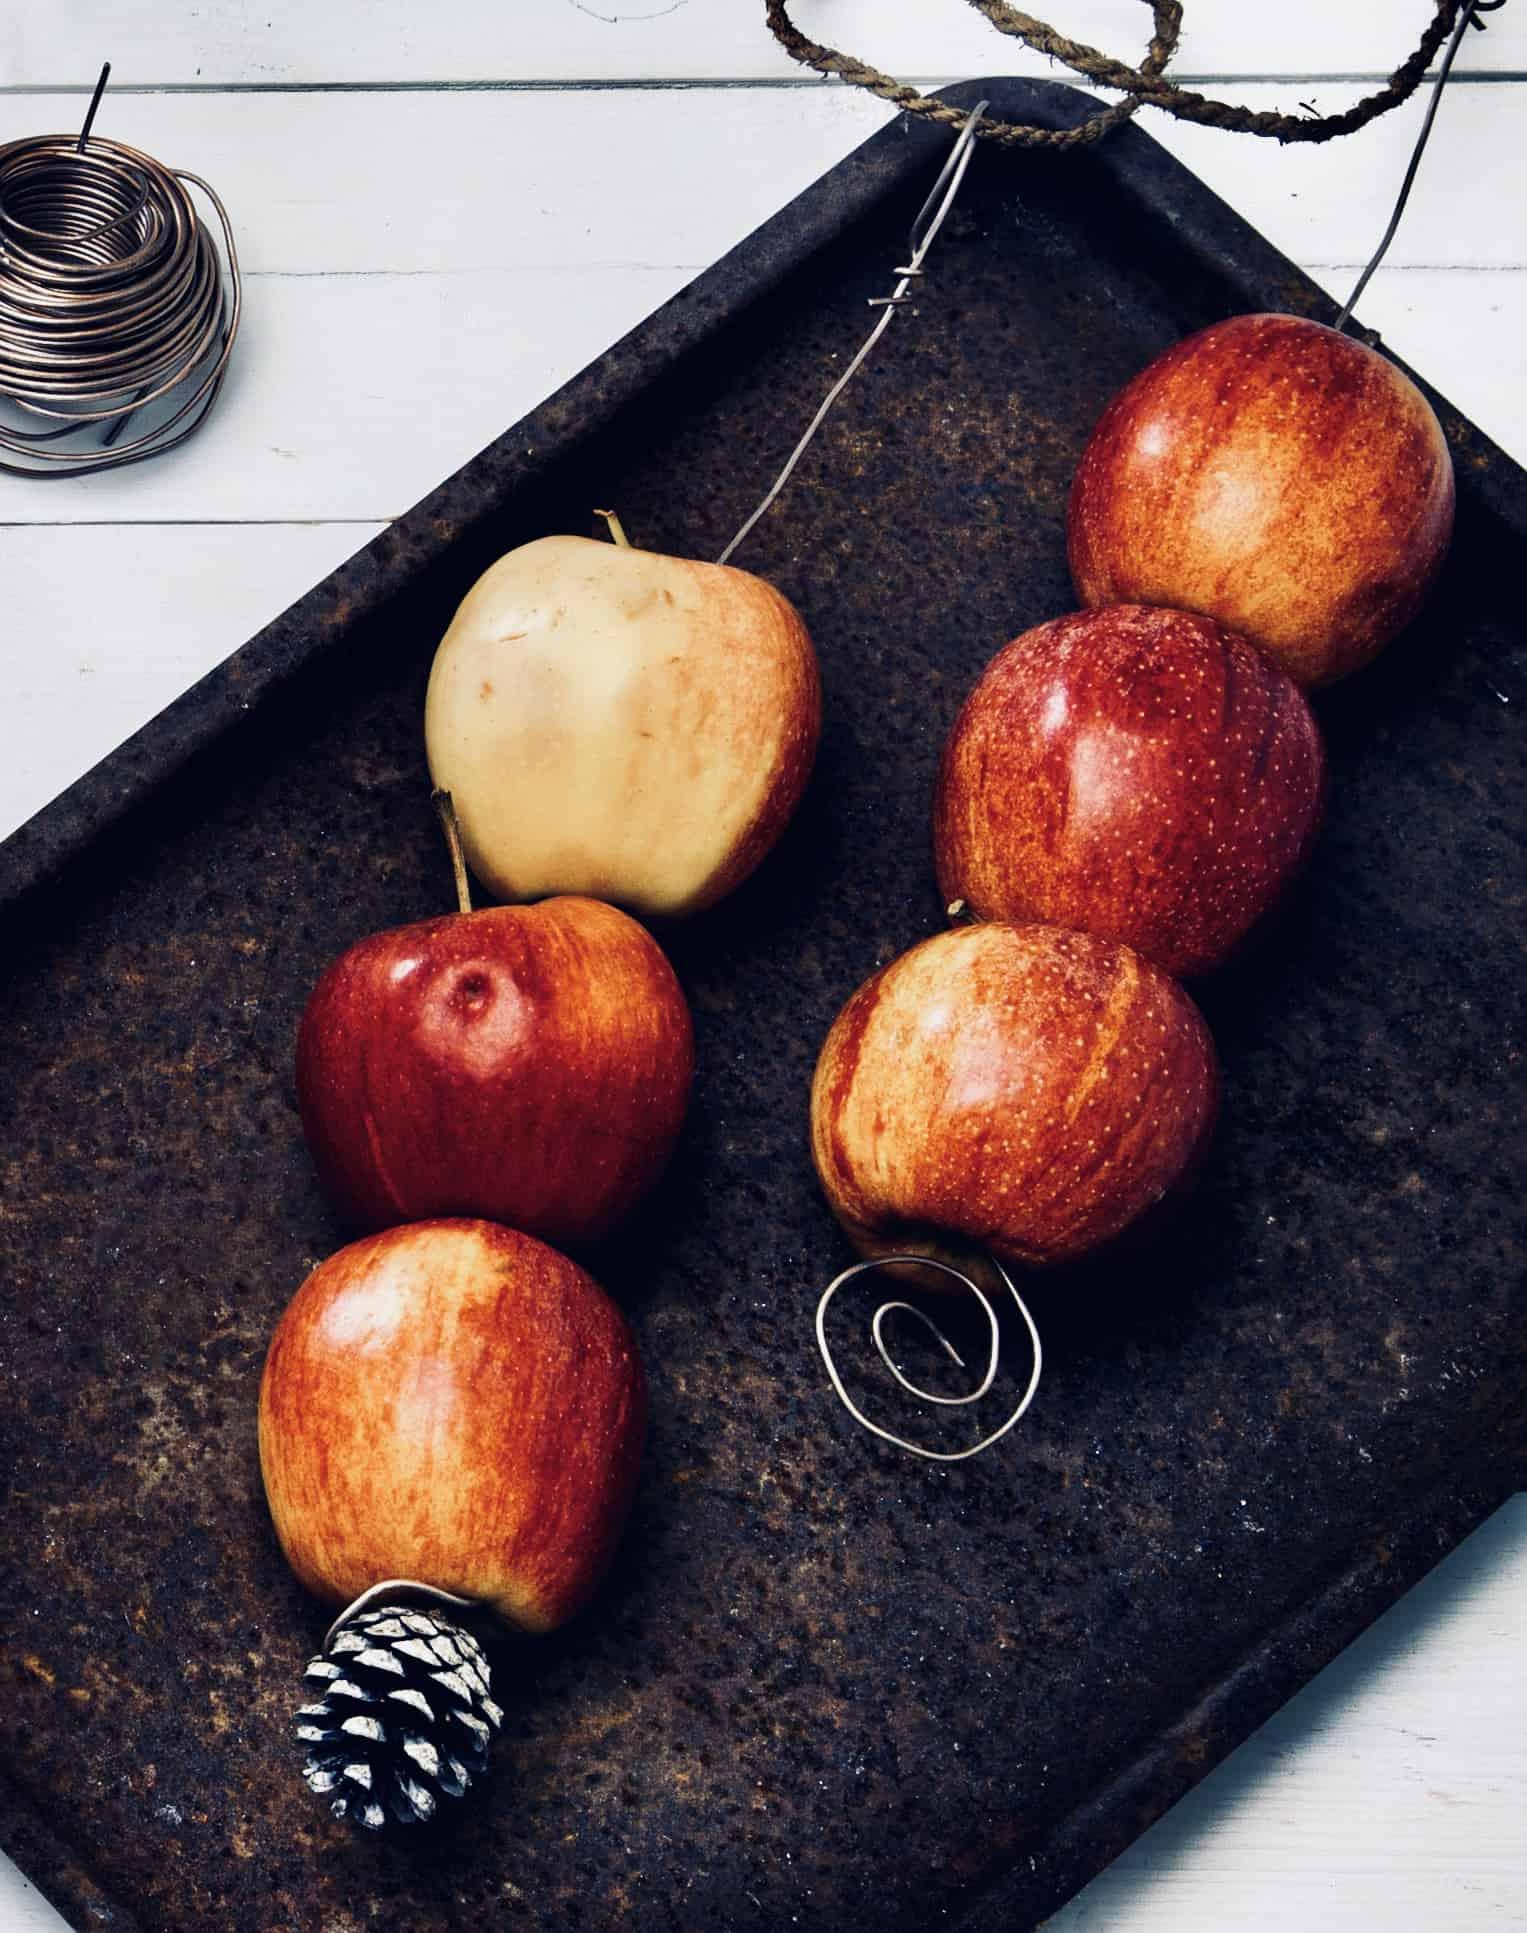 Fixa höstens enklaste fågelmat: Häng upp äpplen på tråd i träden